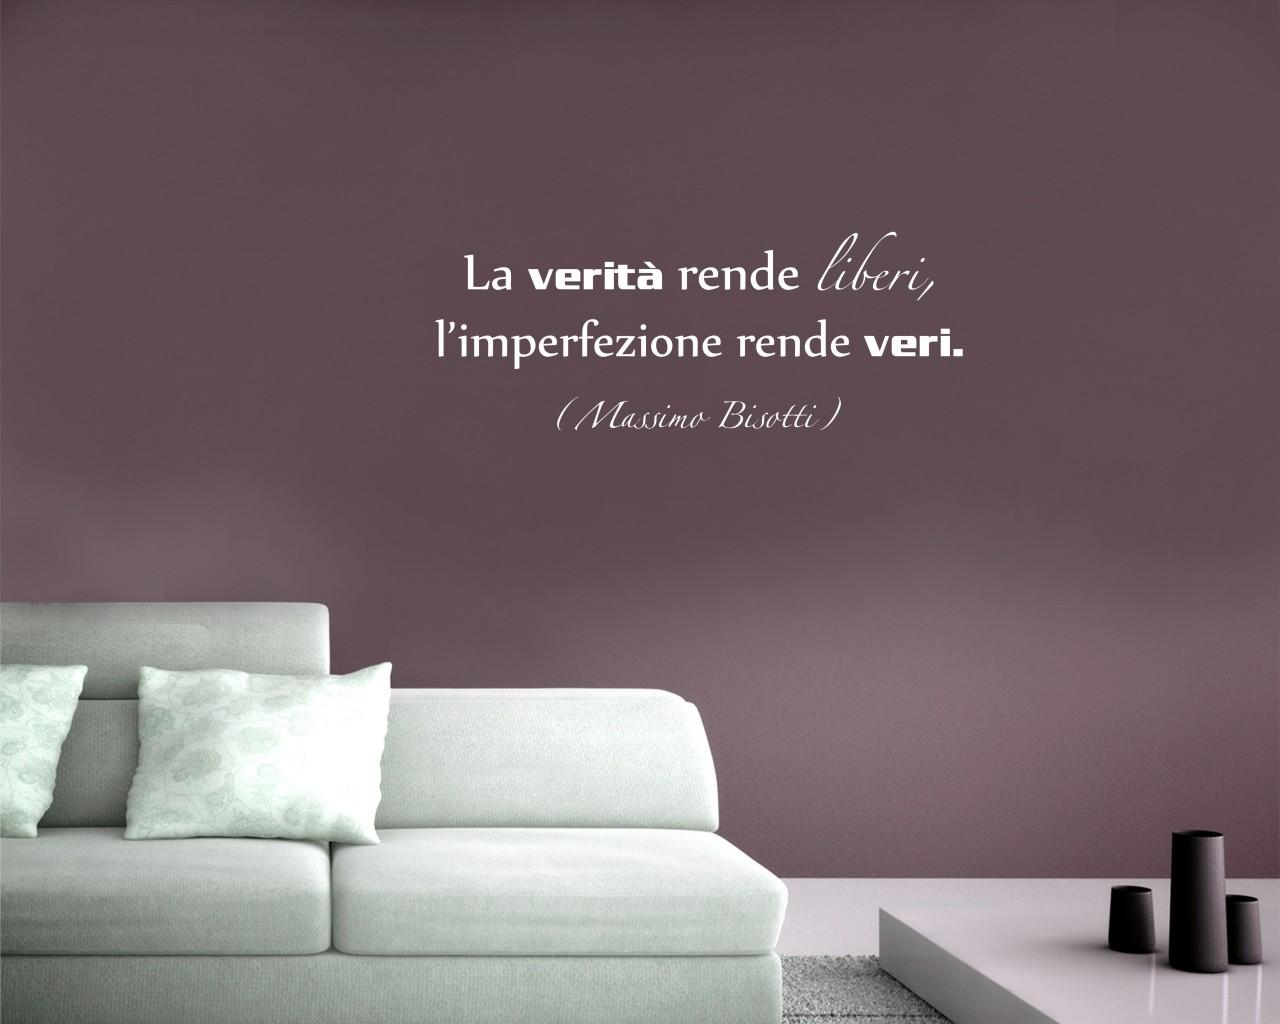 Massimo bisotti la verit rende liberi frasi aforismi citazioni adesivo murale interni - Adesivi parete camera da letto ...